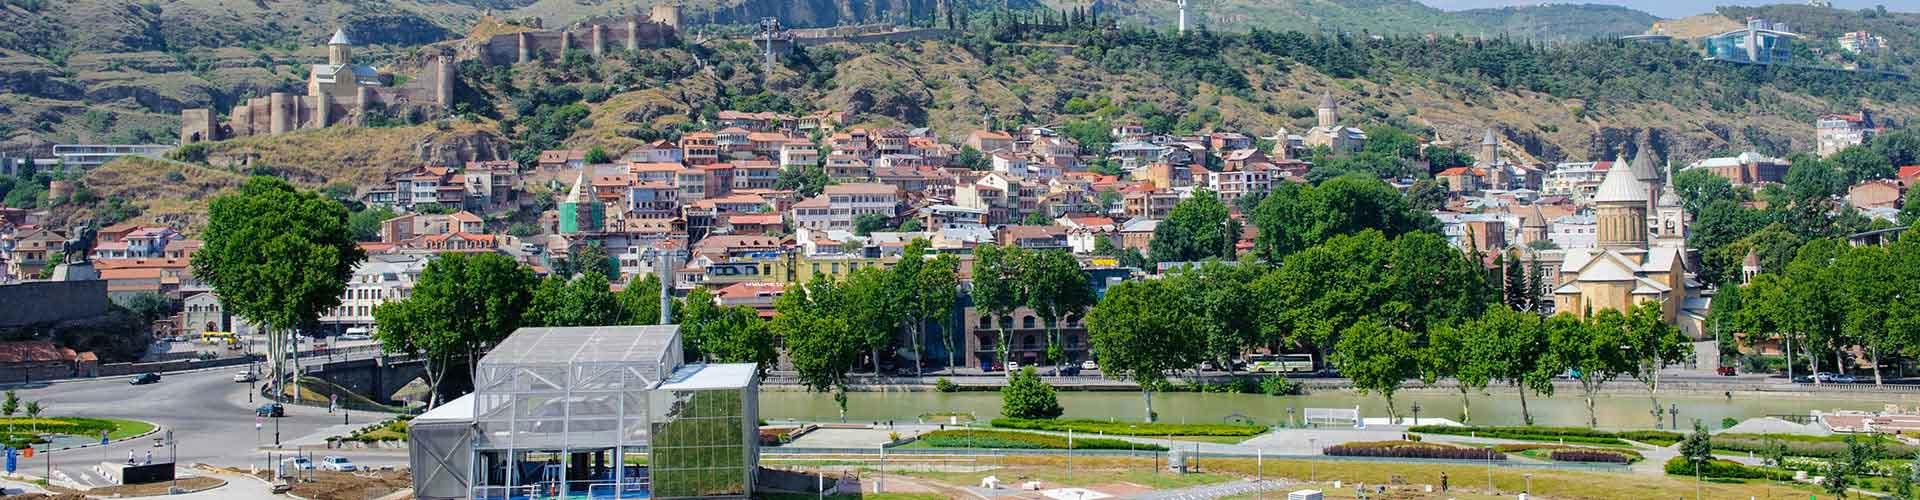 Tbilisi – Hostellit kohteessa Tbilisi. Tbilisi -karttoja, valokuvia ja arvosteluja kaikista Tbilisi -hostelleista.